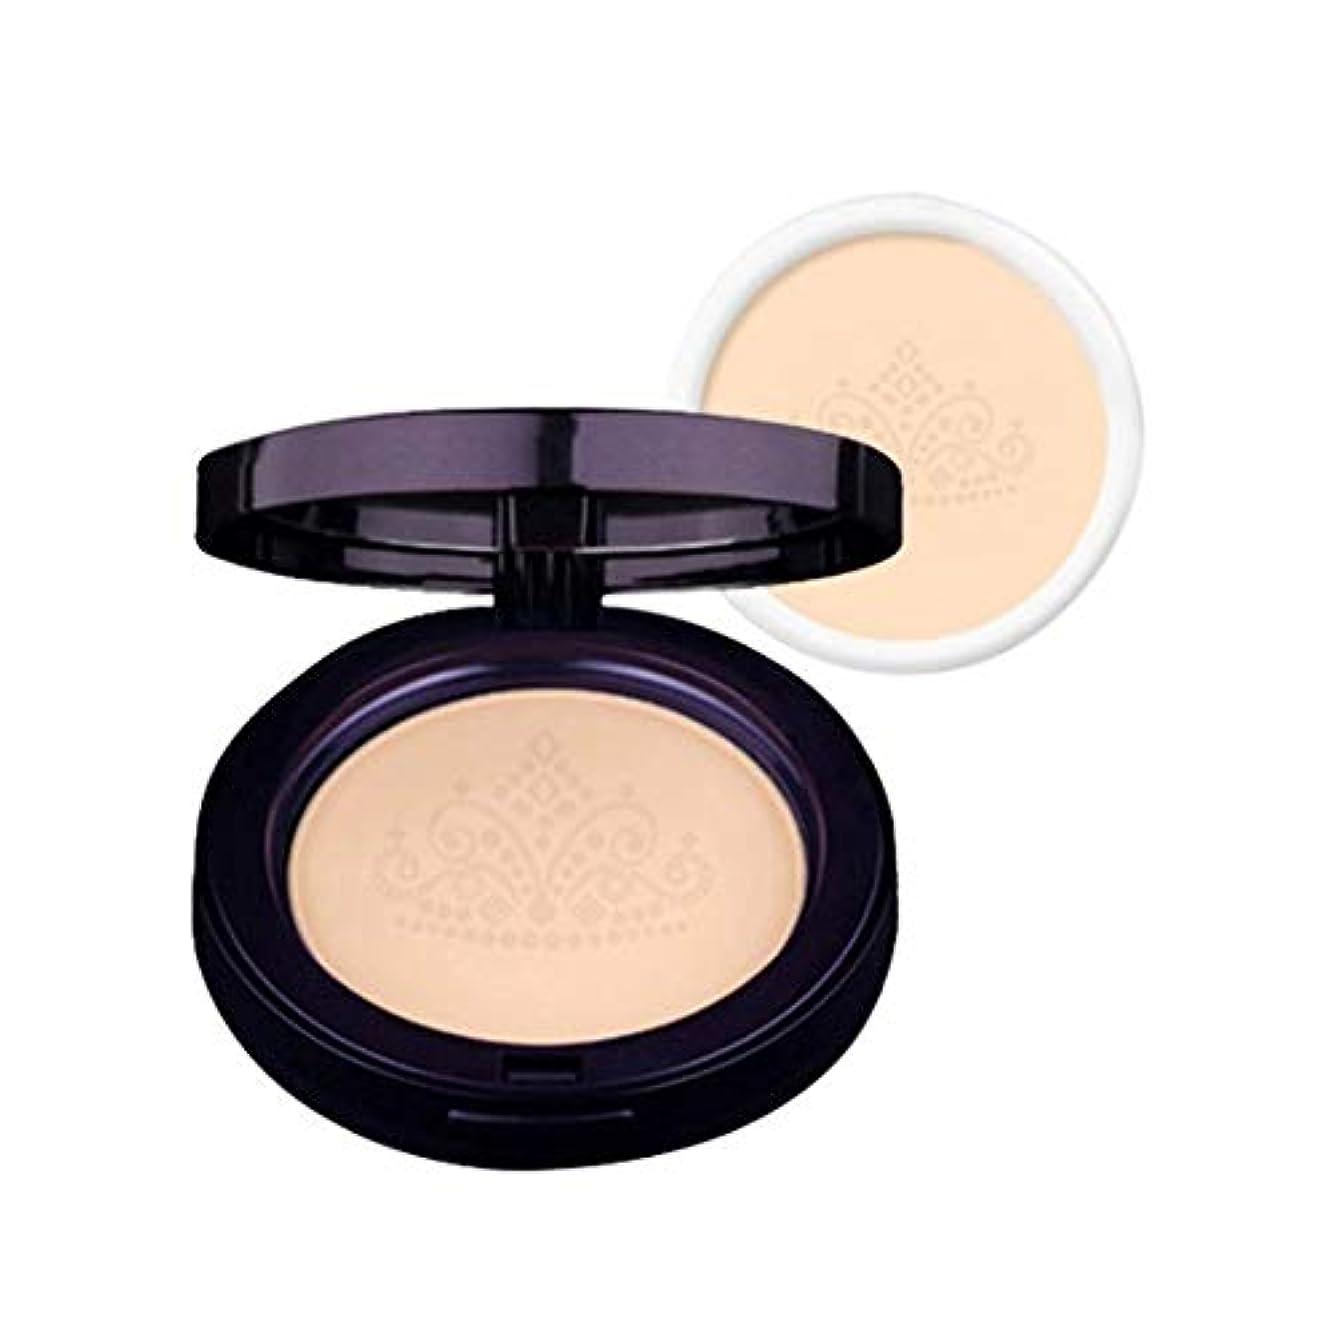 元気な海外お父さんラクベルクイーンズファクト本品+リピルセット2カラー韓国コスメ、Lacvert Queen's Pact+ Refill Set 2 Colors Korean Cosmetics [並行輸入品] (No. 21)